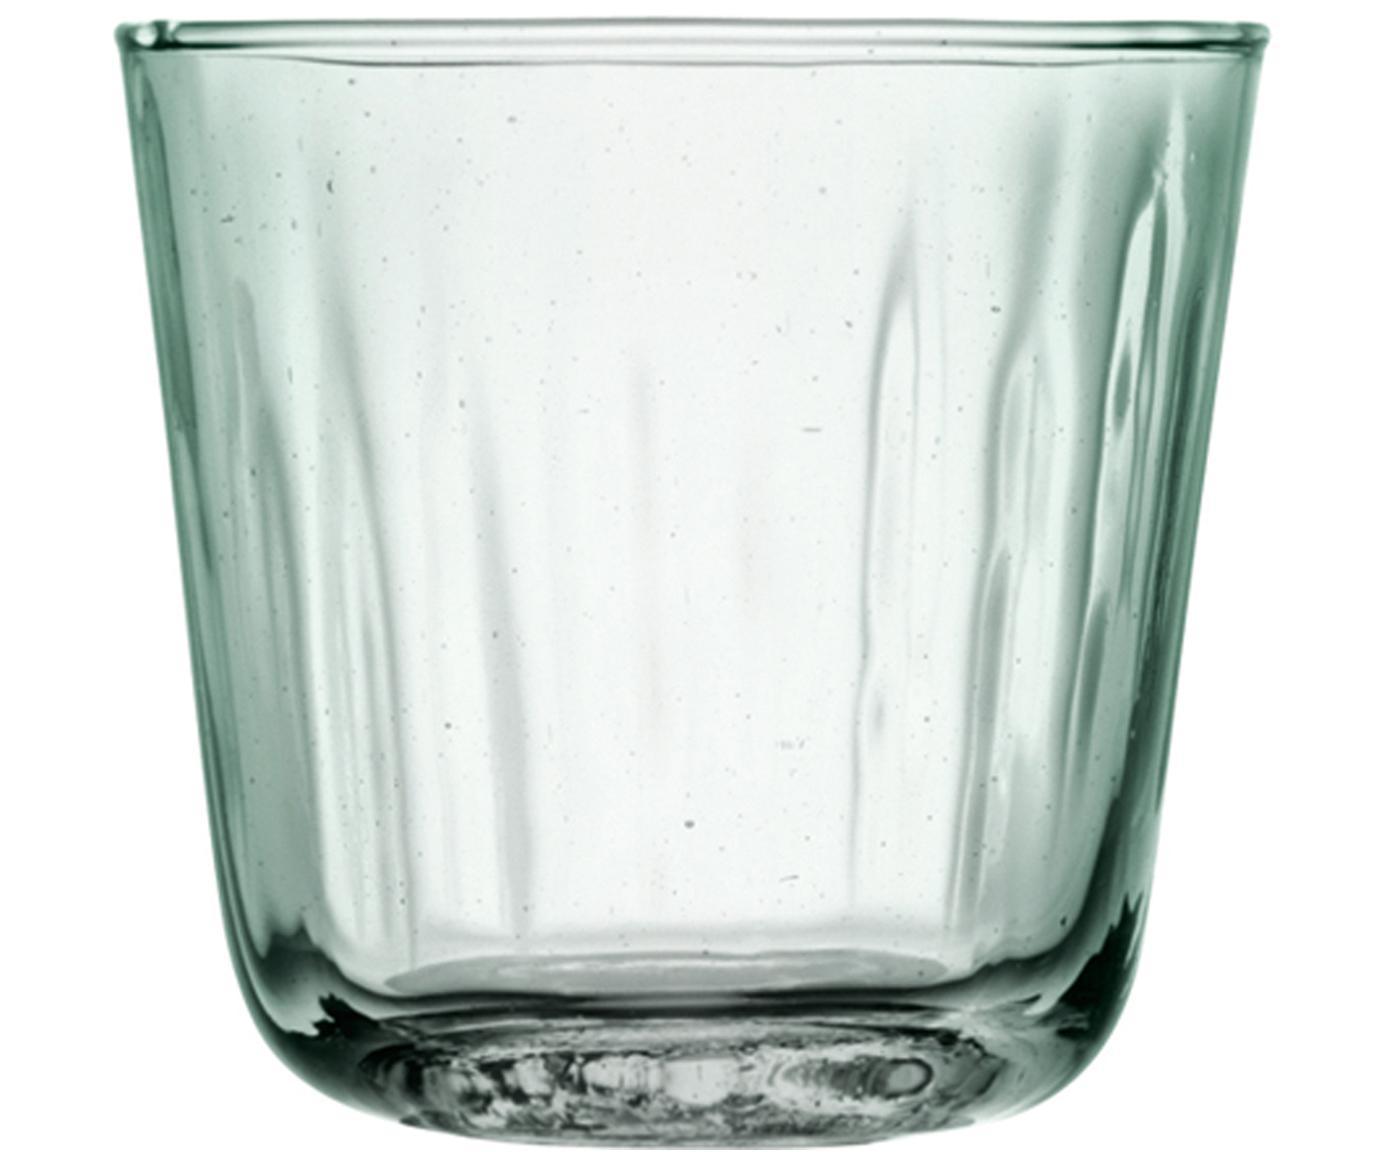 Szklanka do wody Mia, 4 szt., Szkło recyklingowe, Turkusowy, transparentny, Ø 9 x W 8 cm